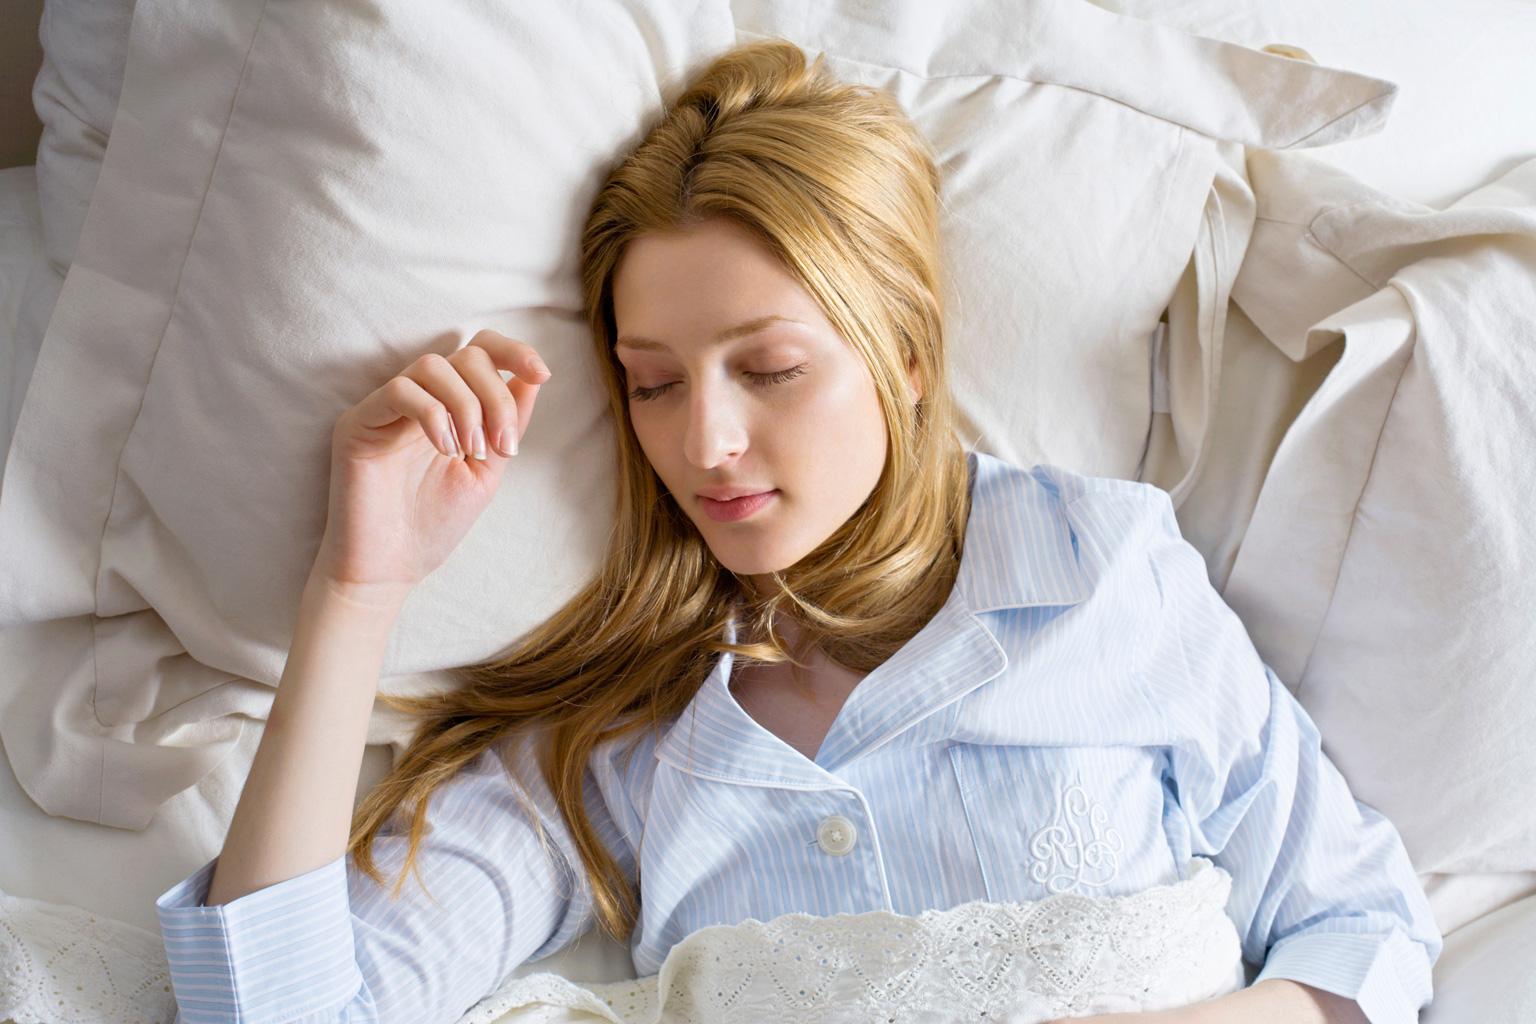 Electronic earplugs can help you sleep better